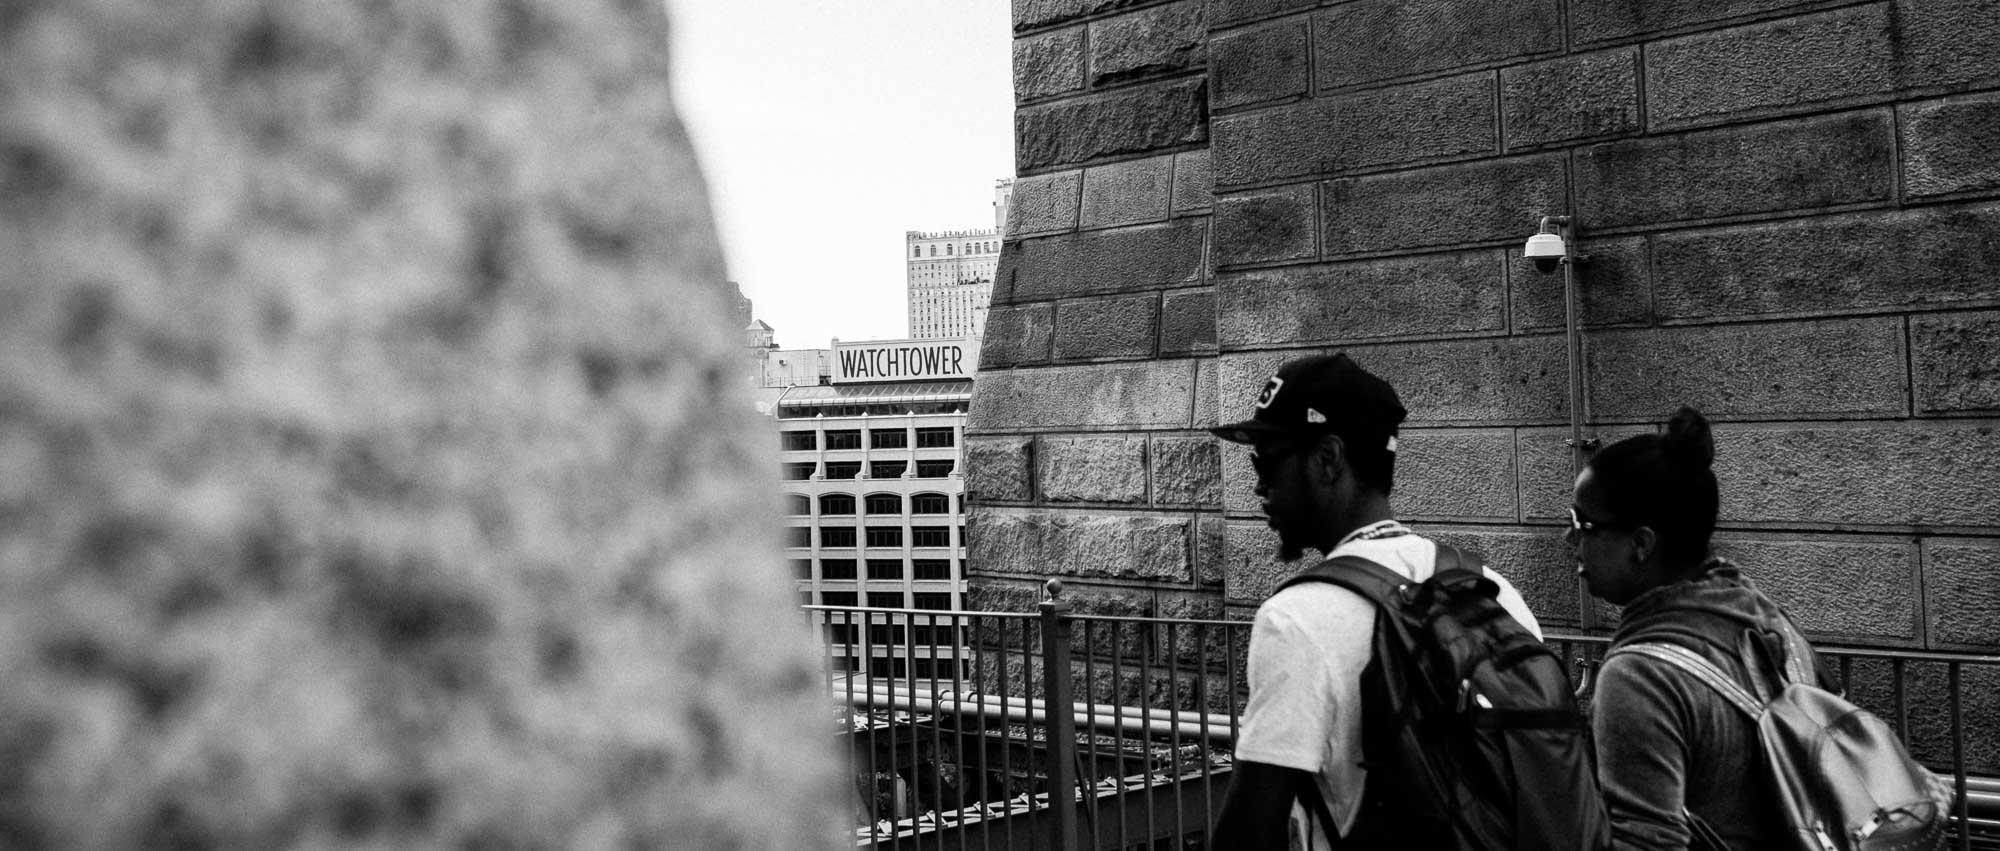 reise bericht new york gotham watchtower brooklyn bridge